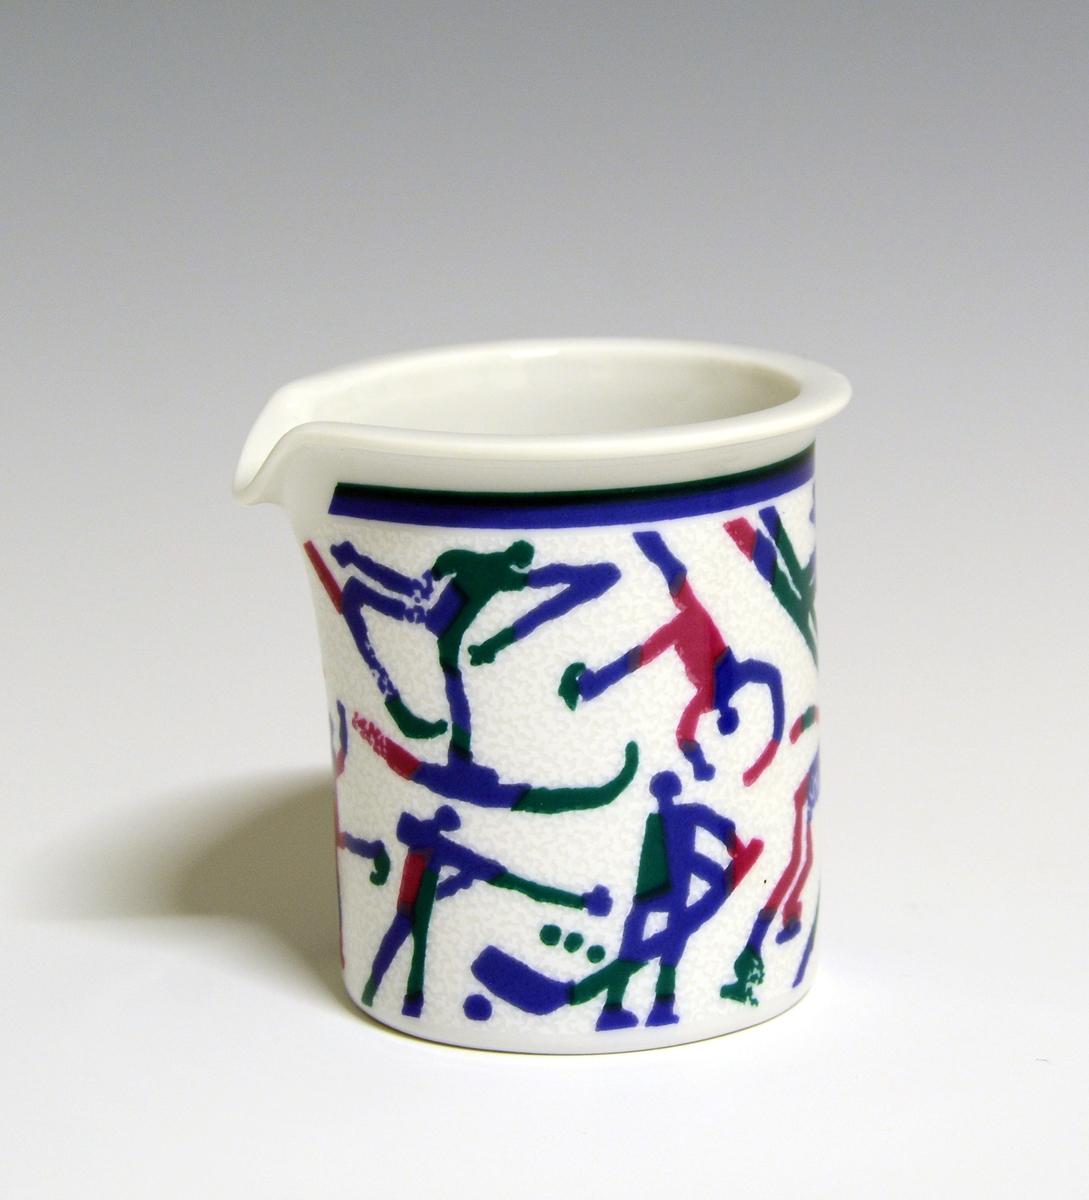 Fløtemugge av porselen. Hvit glasur. Uten hank. Dekorert med den offisielle dekoren til Lillehammer OL 1994, helleristningsinspirerte figurer i ulike vintersportsaktiviteter. Modell: Saturn av Grete Rønning.